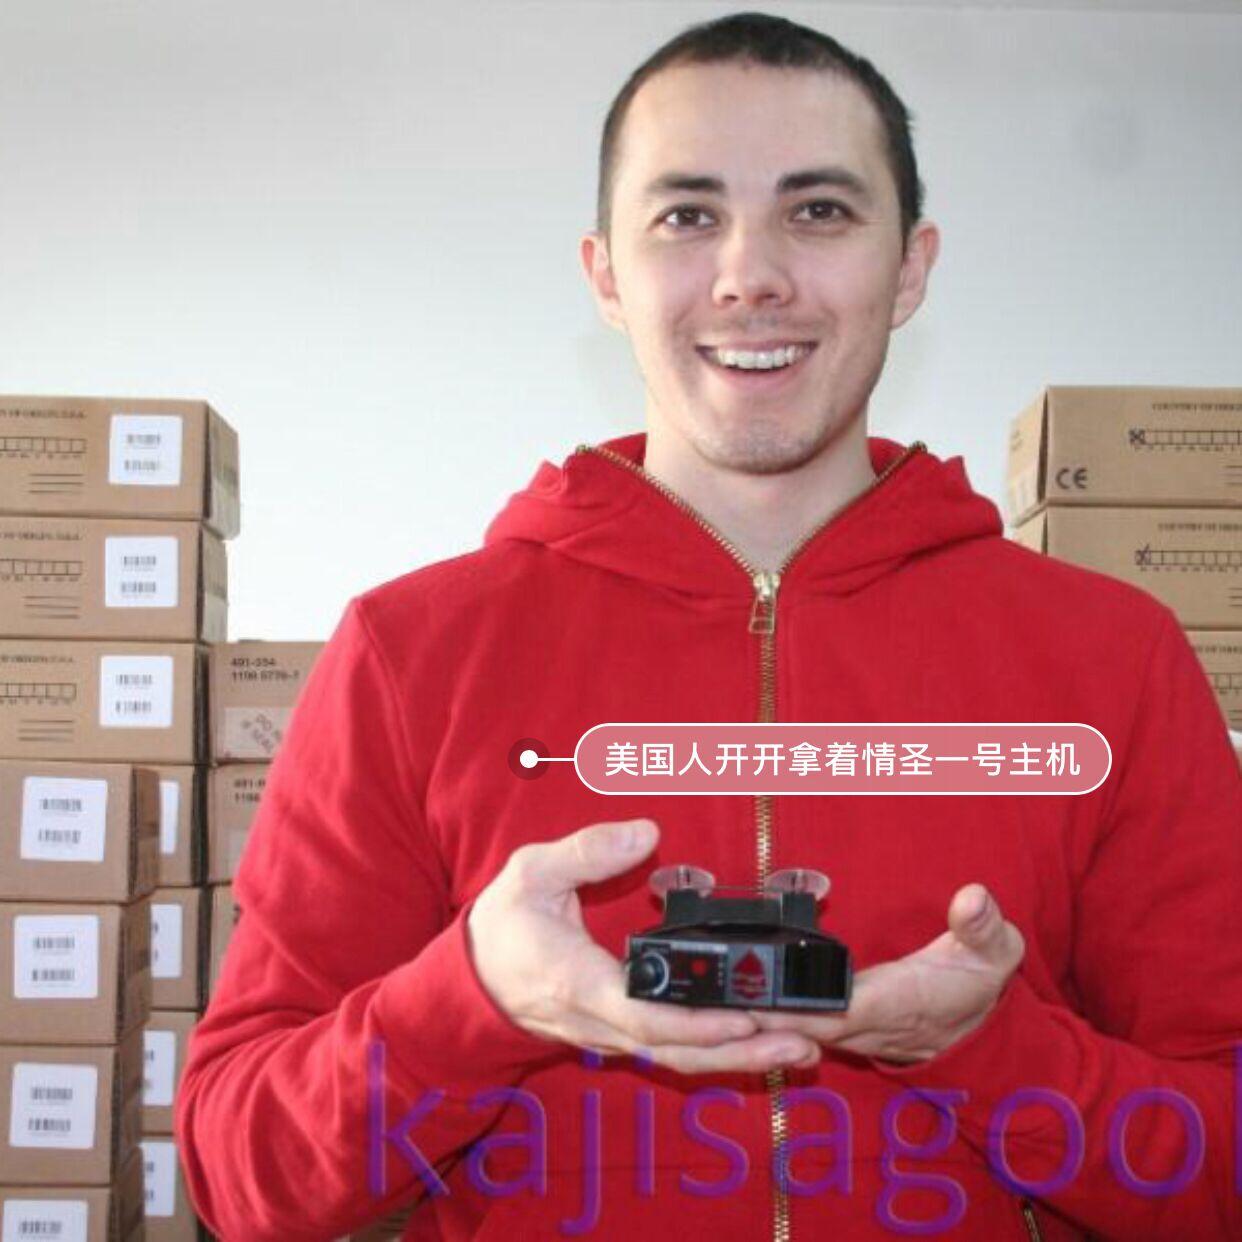 美国人售正品 V1 Valentine One 情圣一号 雷达激光电子狗